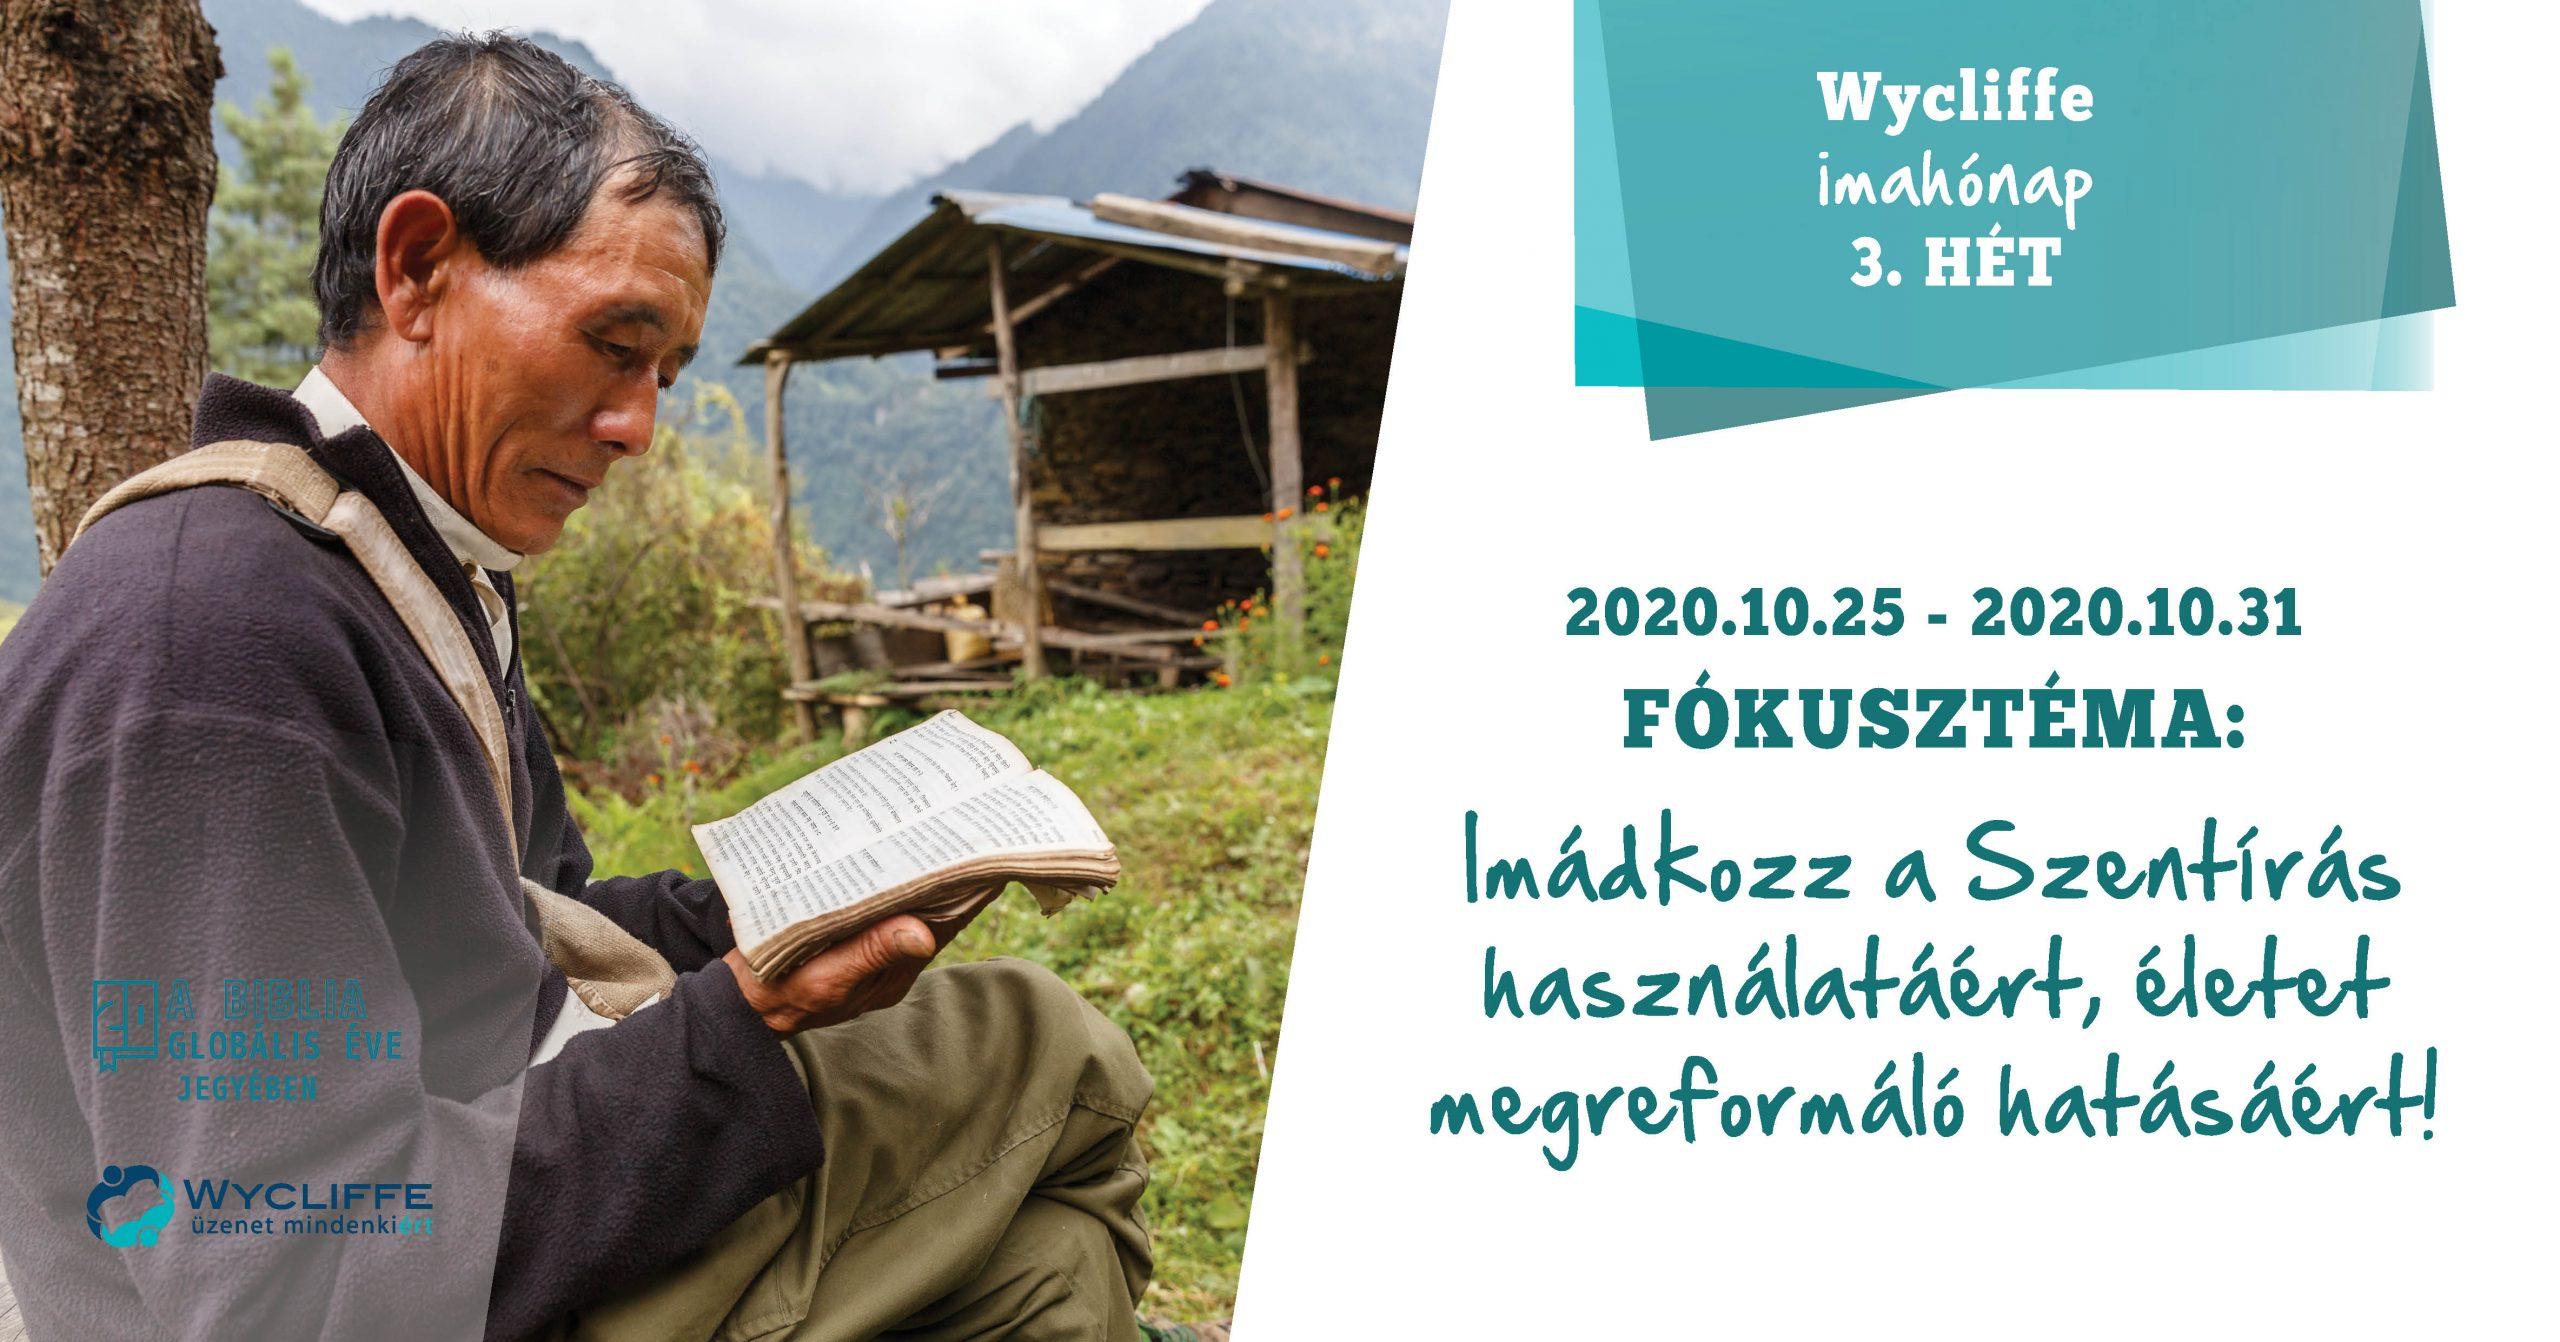 Wycliffe imahónap2020_3. Fókusztéma_web